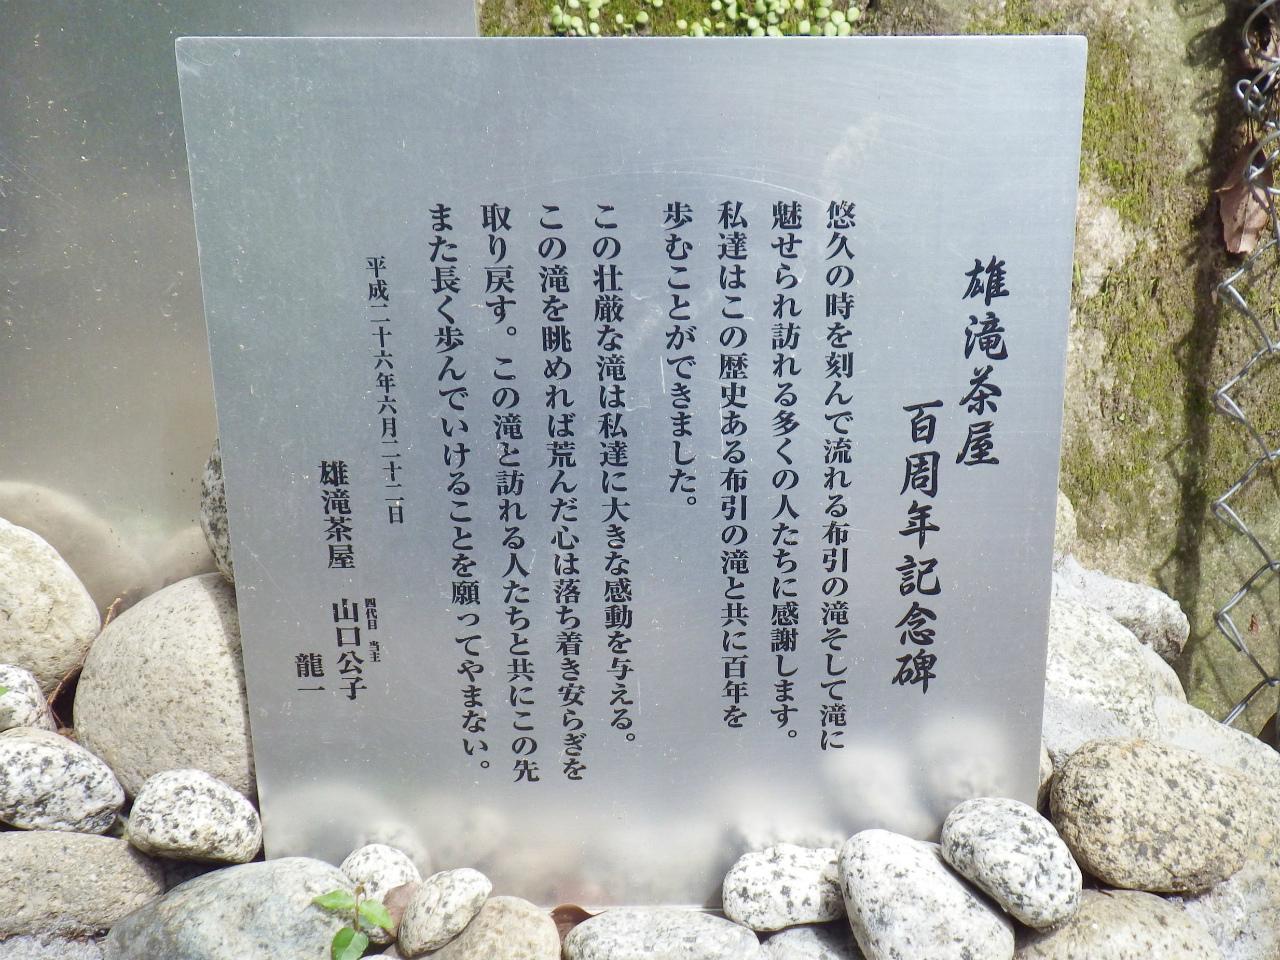 19b 雄滝茶屋百周年記念碑